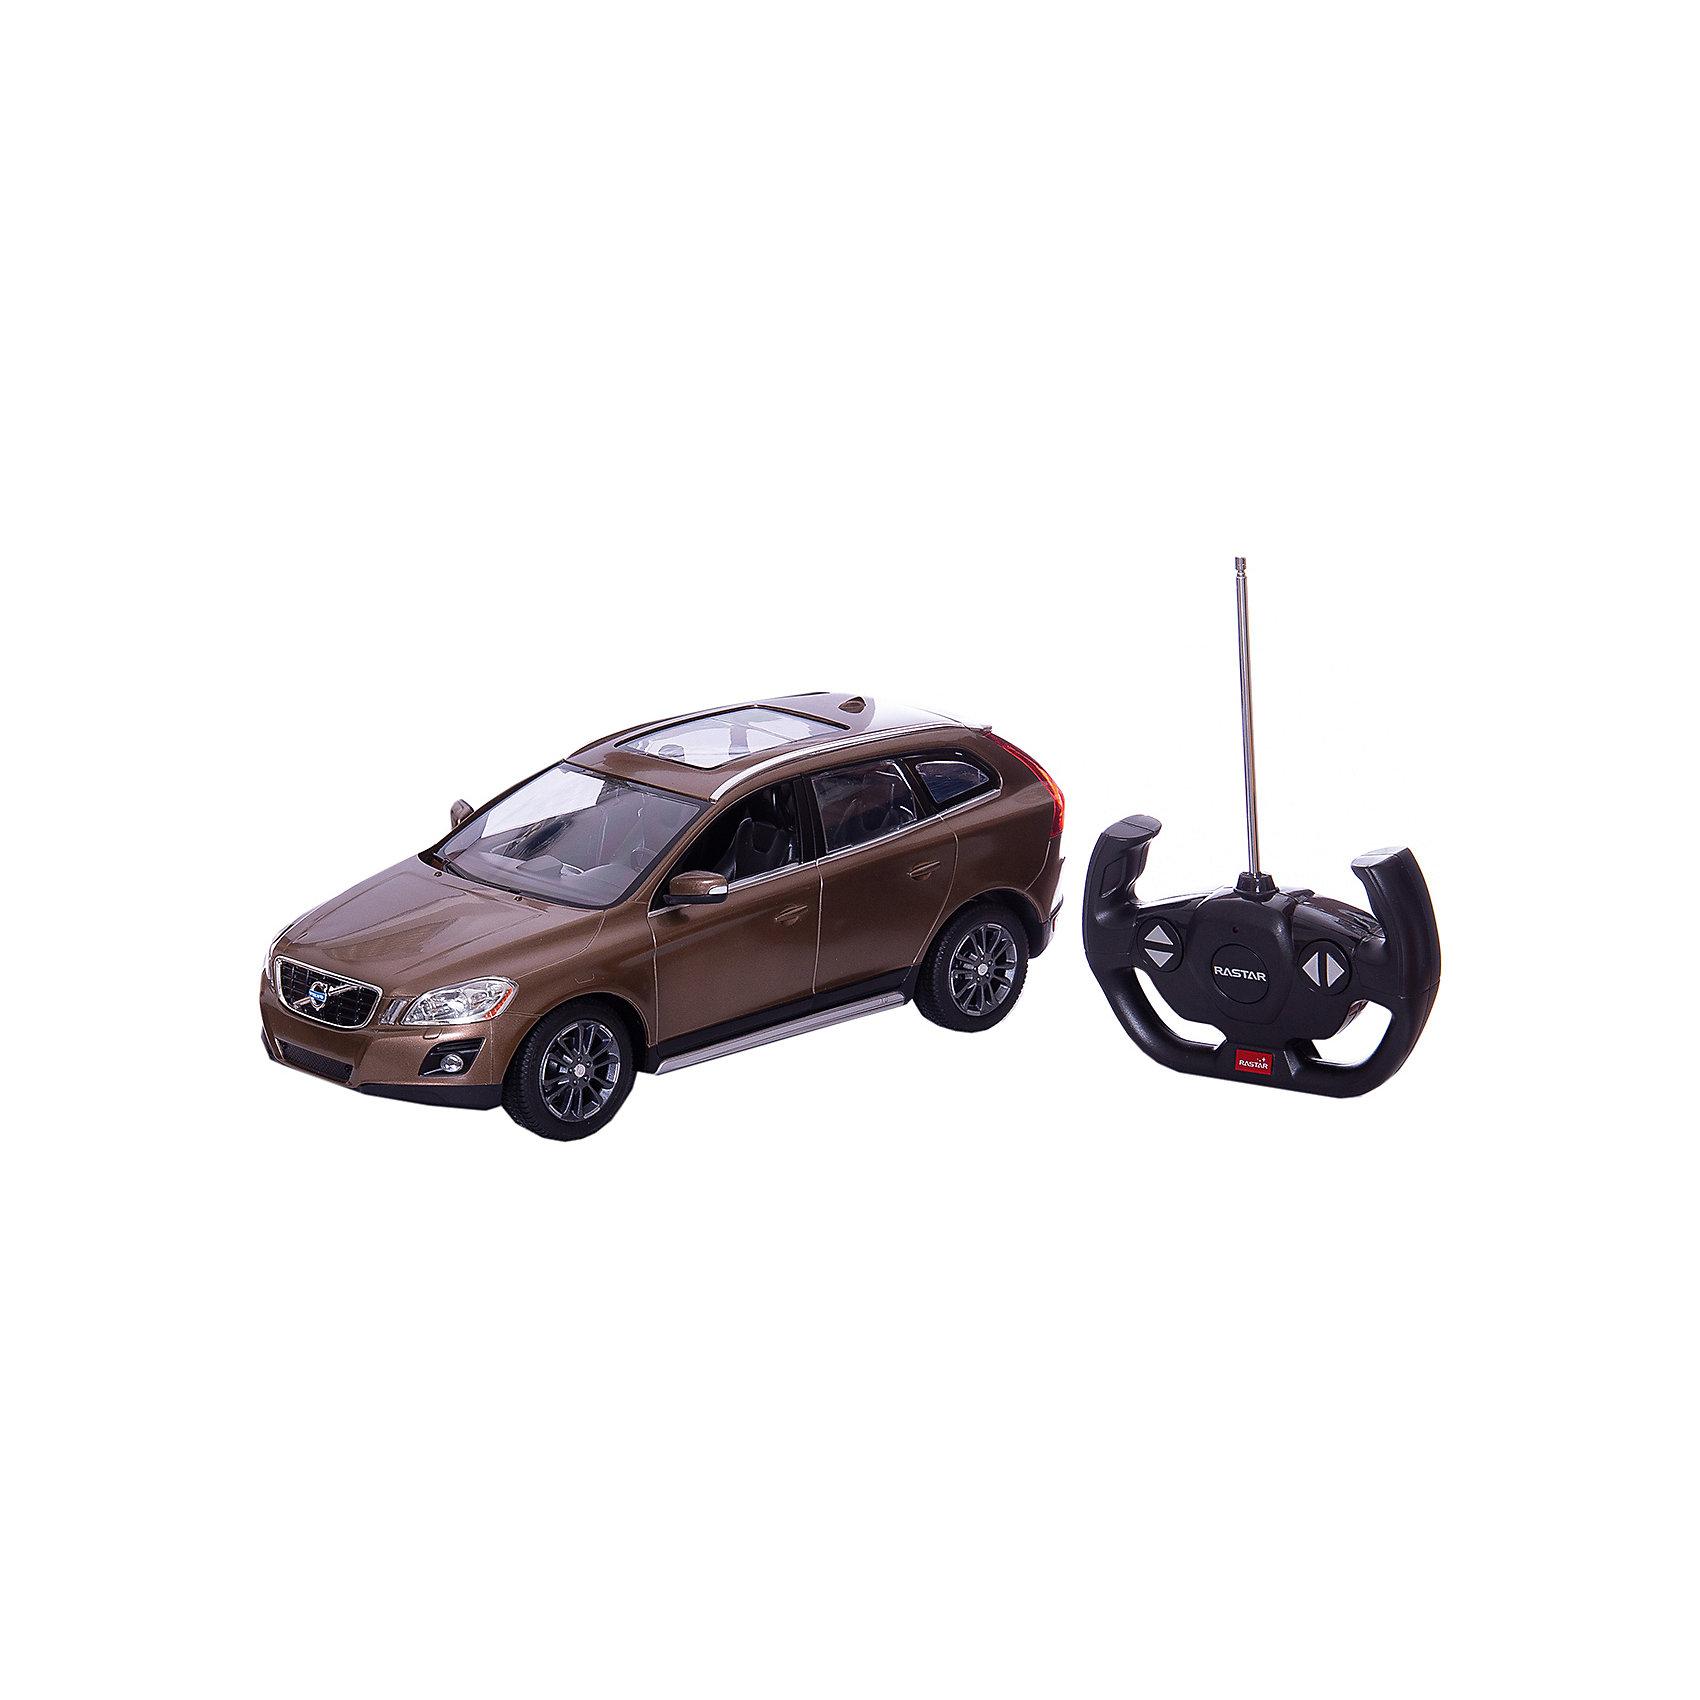 RASTAR Радиоуправляемая машина Volvo XC60 1:14, коричневаяРадиоуправляемый транспорт<br>RASTAR Радиоуправляемая машина Volvo XC60 1:14 - игрушка, которая наверняка приведет в восторг юного любителя  взрослых автомобилей: эта радиоуправляемая машина - уменьшенная копия настоящей Volvo! <br><br>Модель выполнена в масштабе 1: 14.<br><br>Особенности игрушки:<br><br>- Работает на частоте: 27MHz; <br>- Движение вперед, назад, вправо, влево; <br>- Контроль управления: 15 - 45 метров; <br>- Развивает скорость до: 7 км/ч; <br>- Светятся фары. <br><br><br>Дополнительная информация:<br><br><br>- Для работы требуются батарейки: 5 Х АА, 6F/22<br>(не входят в комплект).<br>- Размер упаковки: 45,5 х 21,5 х 19,5 см.<br>- Вес: 1,38 кг.<br><br>Ширина мм: 195<br>Глубина мм: 455<br>Высота мм: 215<br>Вес г: 1380<br>Возраст от месяцев: 72<br>Возраст до месяцев: 144<br>Пол: Мужской<br>Возраст: Детский<br>SKU: 4833561